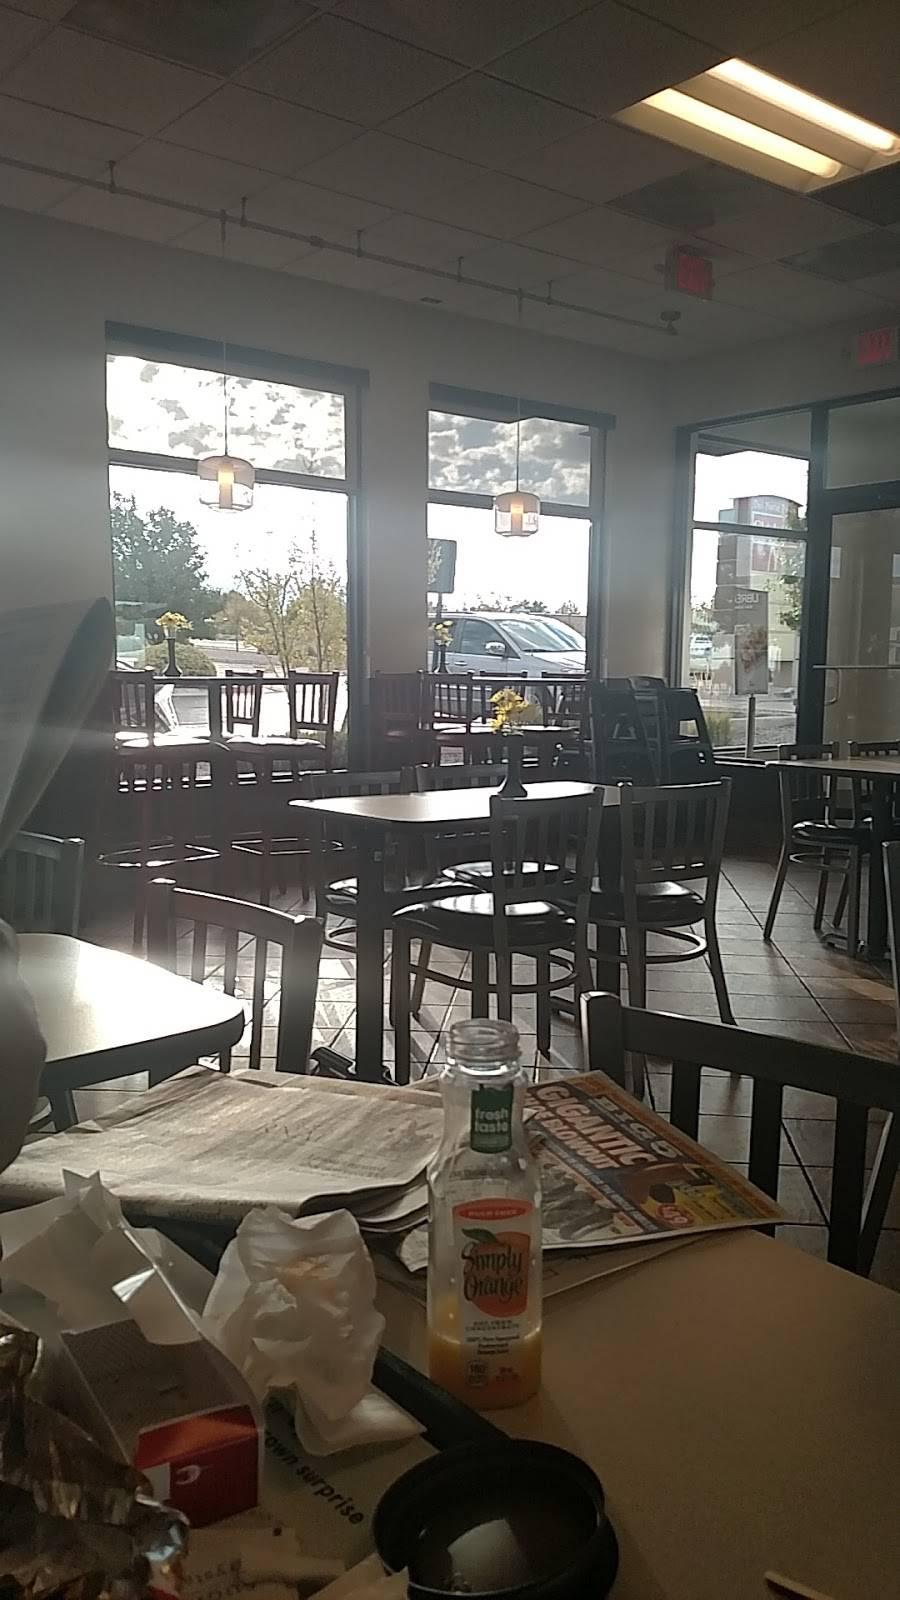 Chick-fil-A - restaurant  | Photo 9 of 10 | Address: 8110 San Pedro Dr NE, Albuquerque, NM 87113, USA | Phone: (505) 797-7858